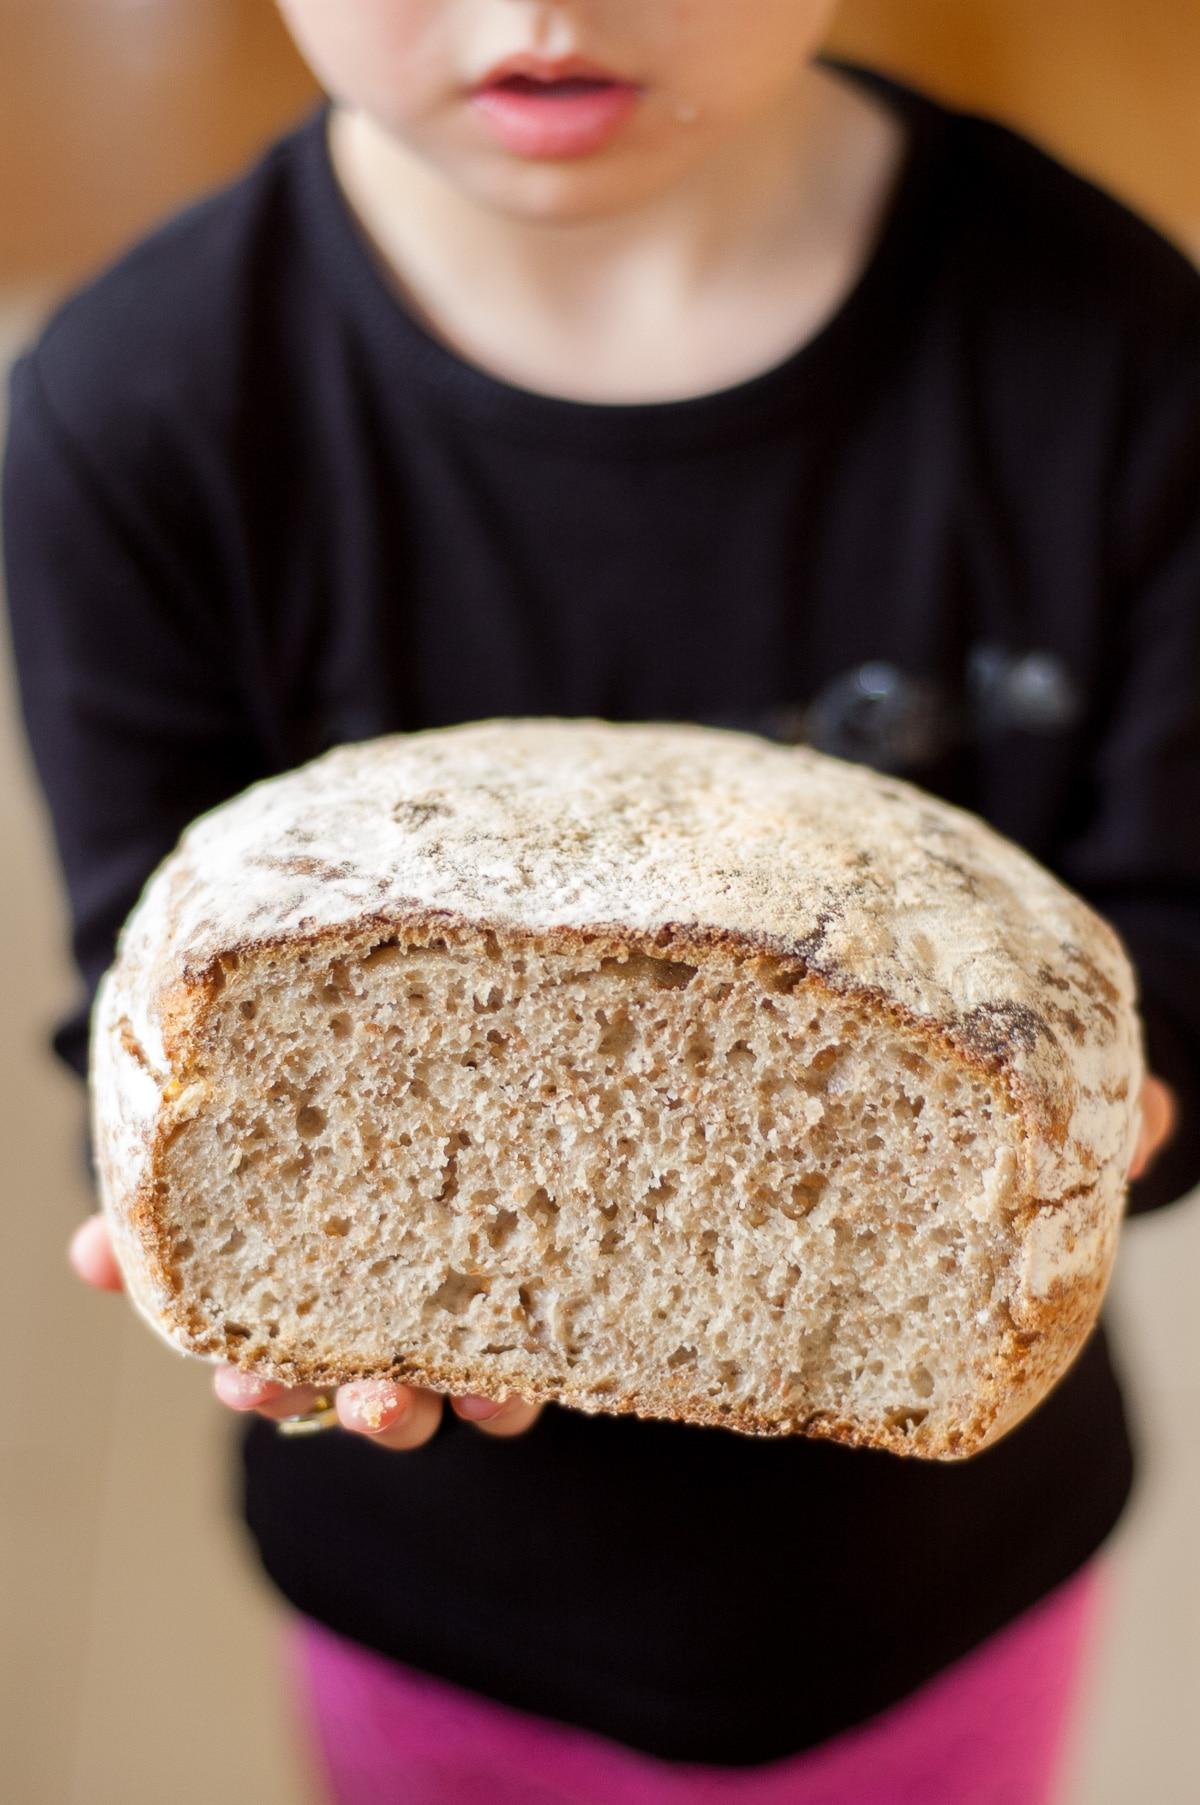 dziecko trzyma chleb w rączkach, widać wnętrze chleba